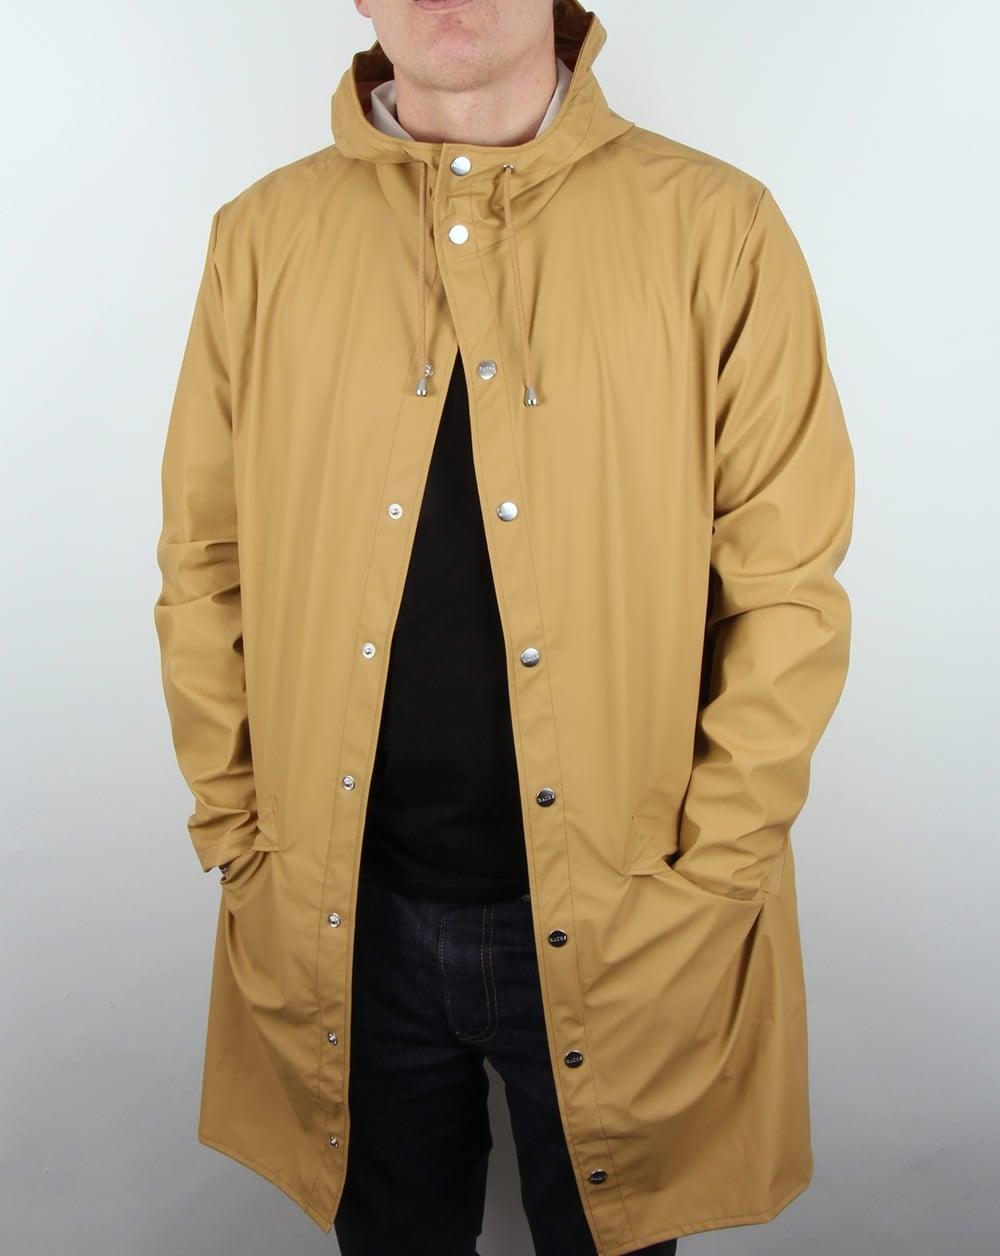 1be0ca1c Rains Long Jacket Khaki,rainproof,mac,coat,waterproof,mens